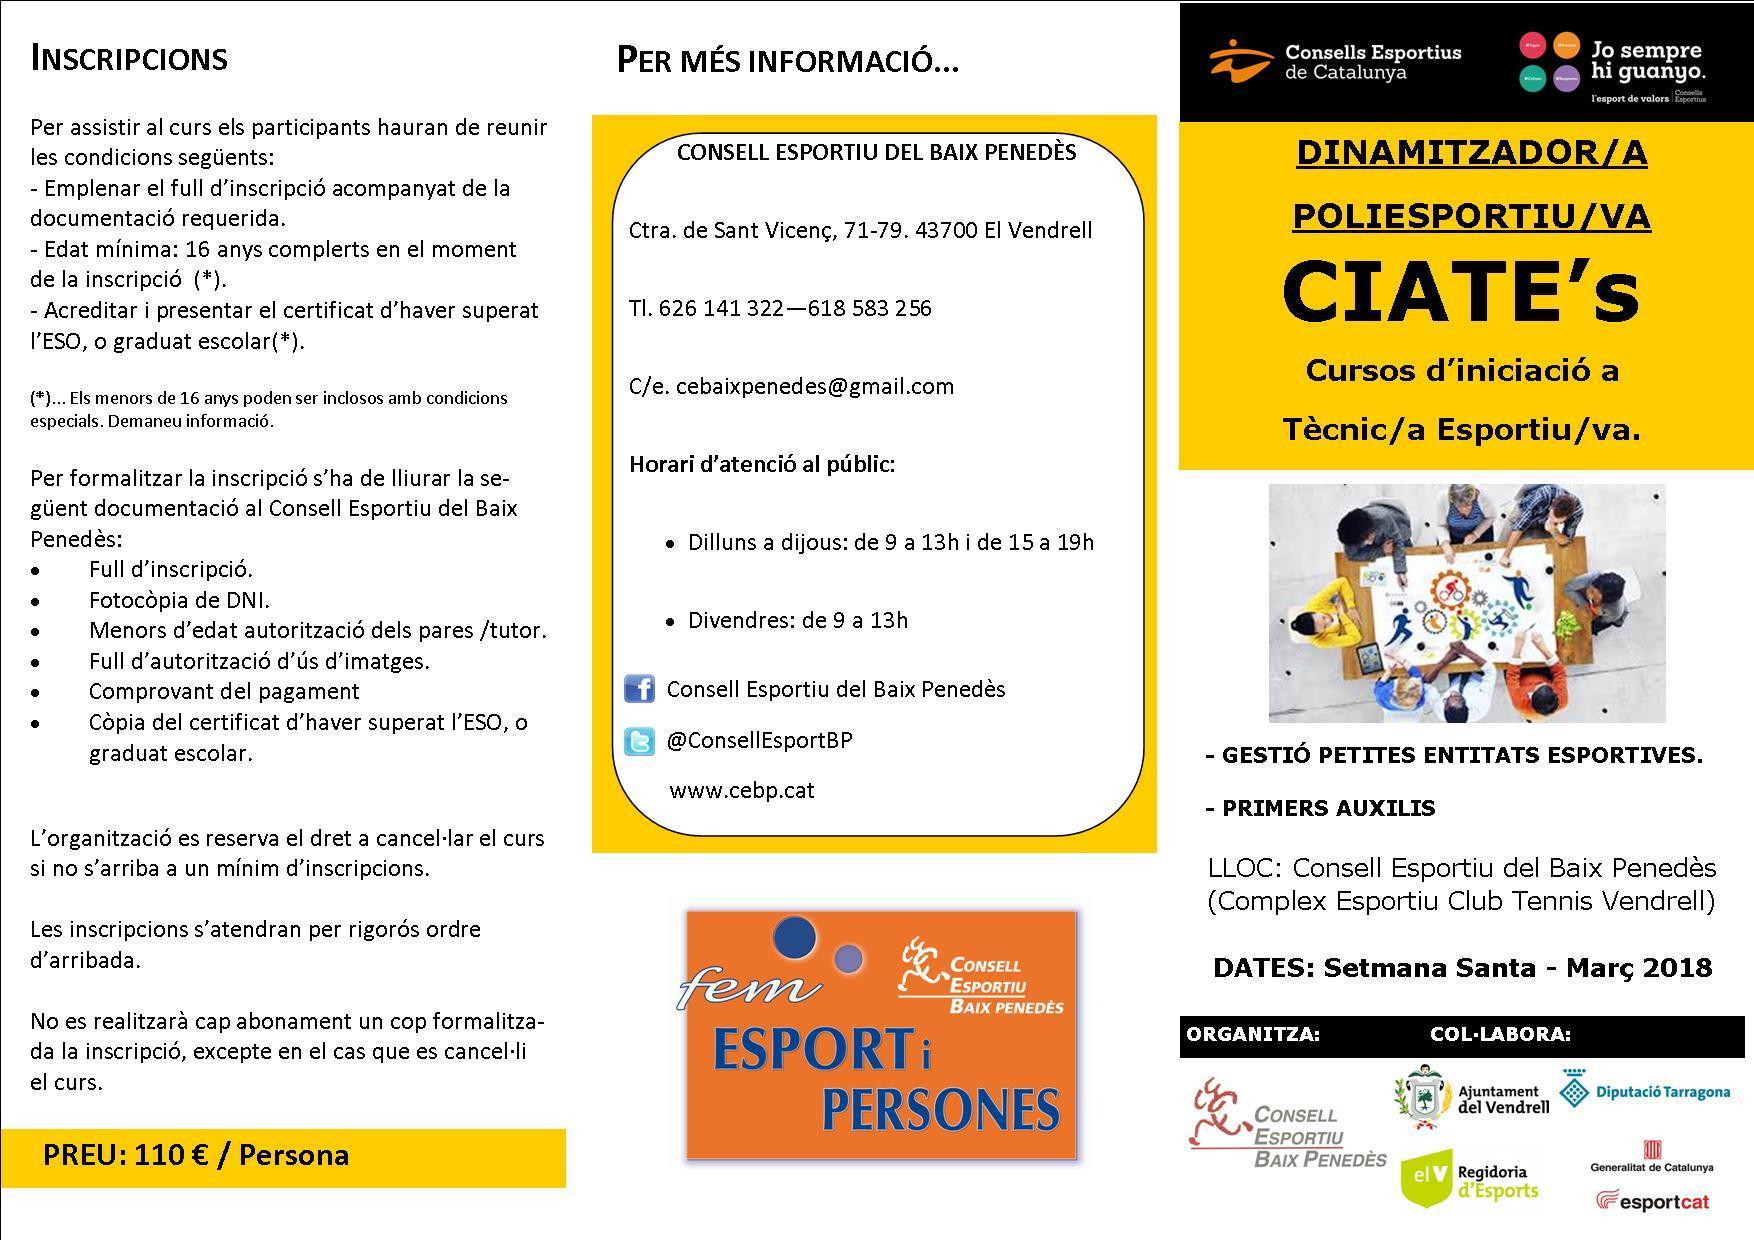 El Consell Esportiu del Baix Penedès organitza un curs de Dinamitzador/a Poliesportiu/va per aquest mes de març